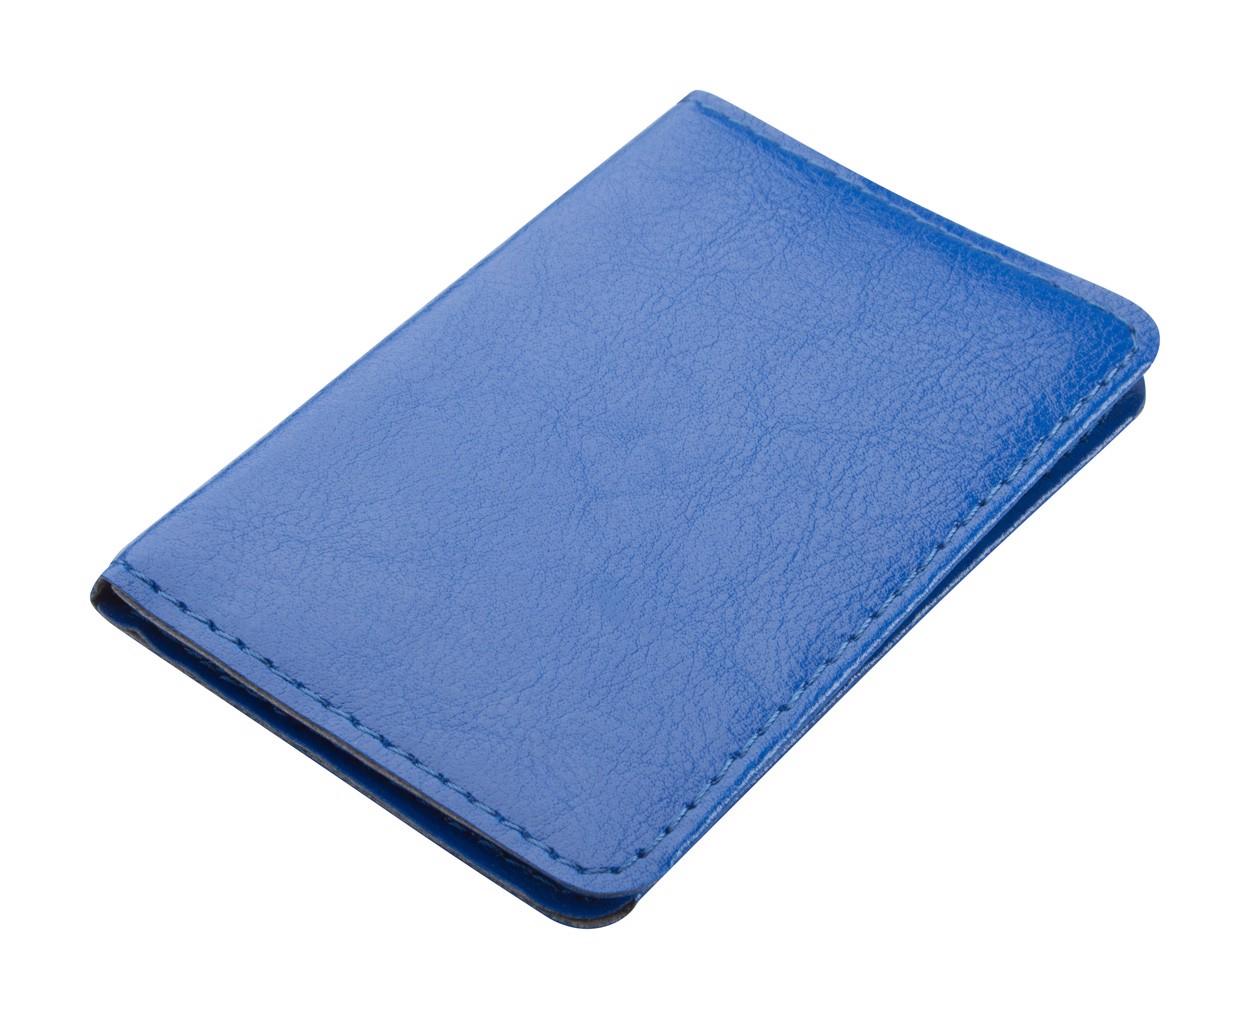 Pouzdro Na Karty Twelve - Modrá